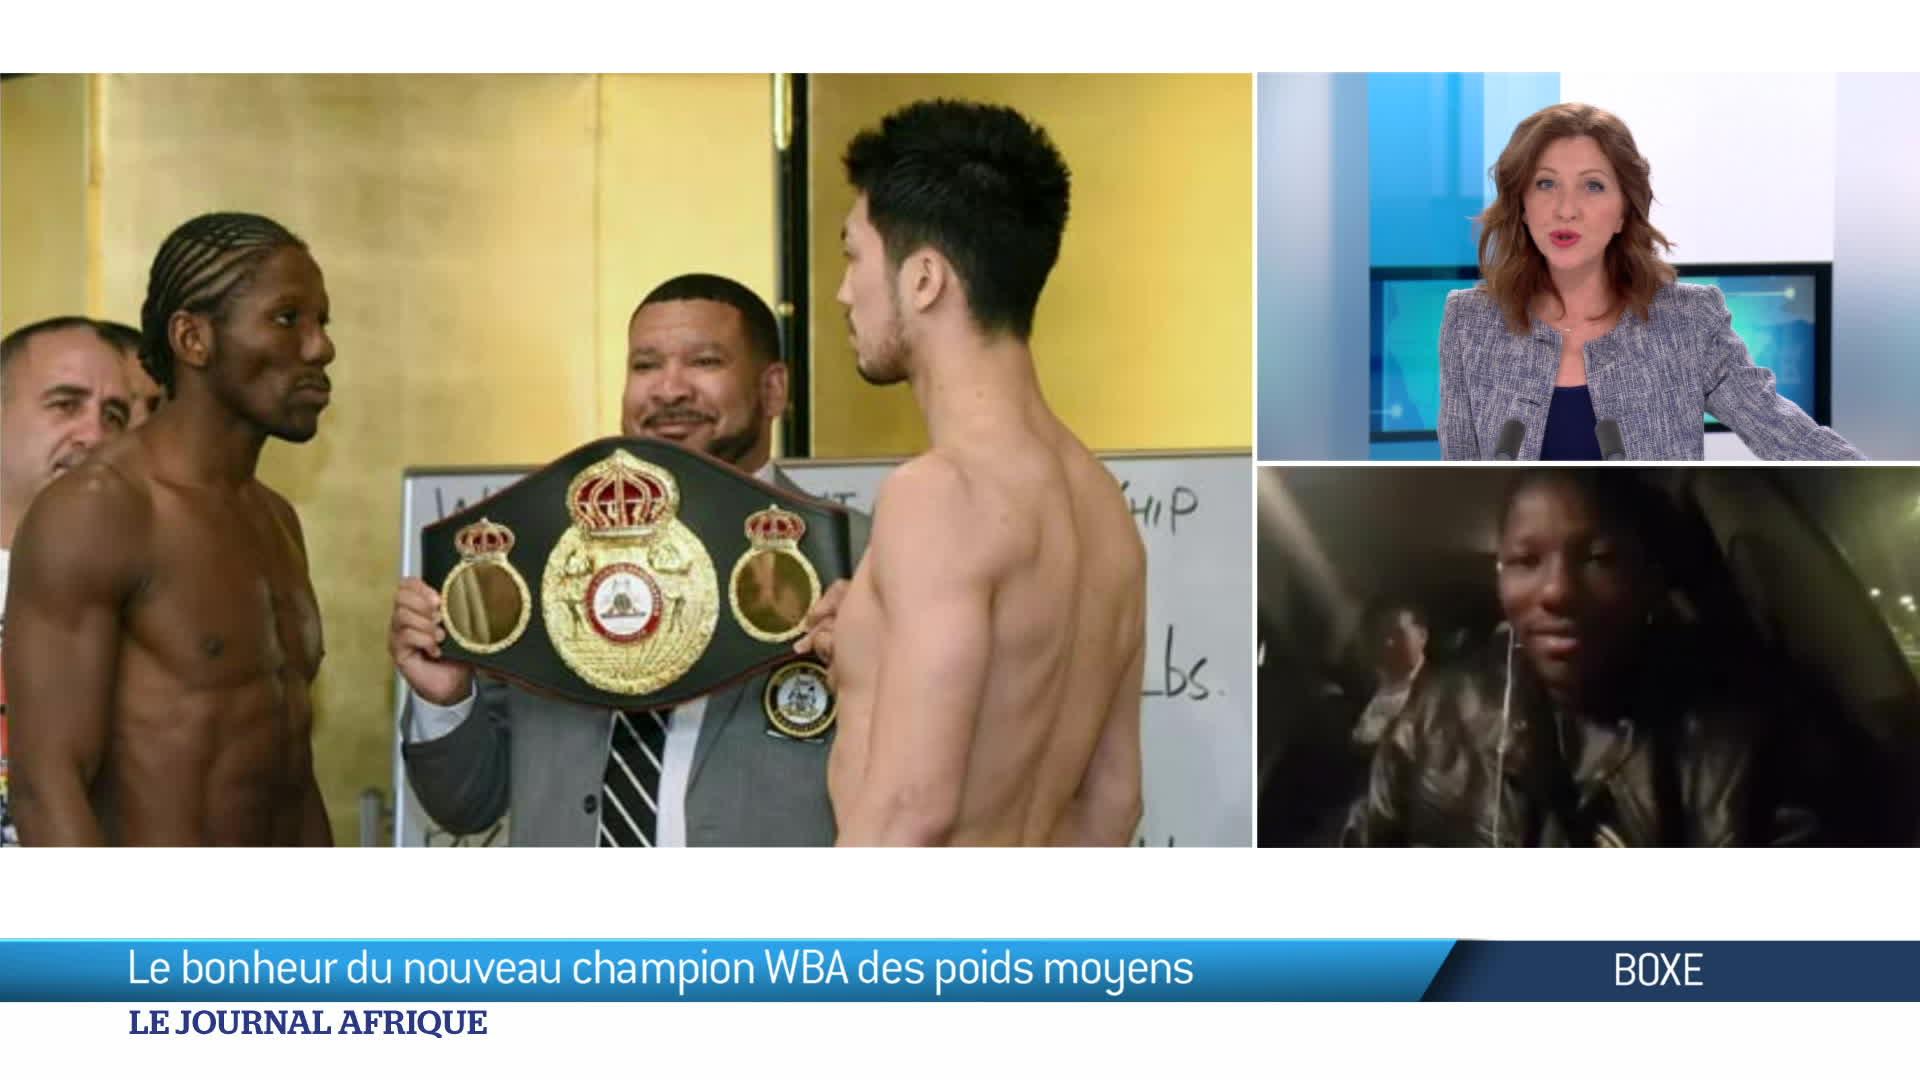 Boxe : retour sur la victoire, ce weekend, d'Hassam nDam